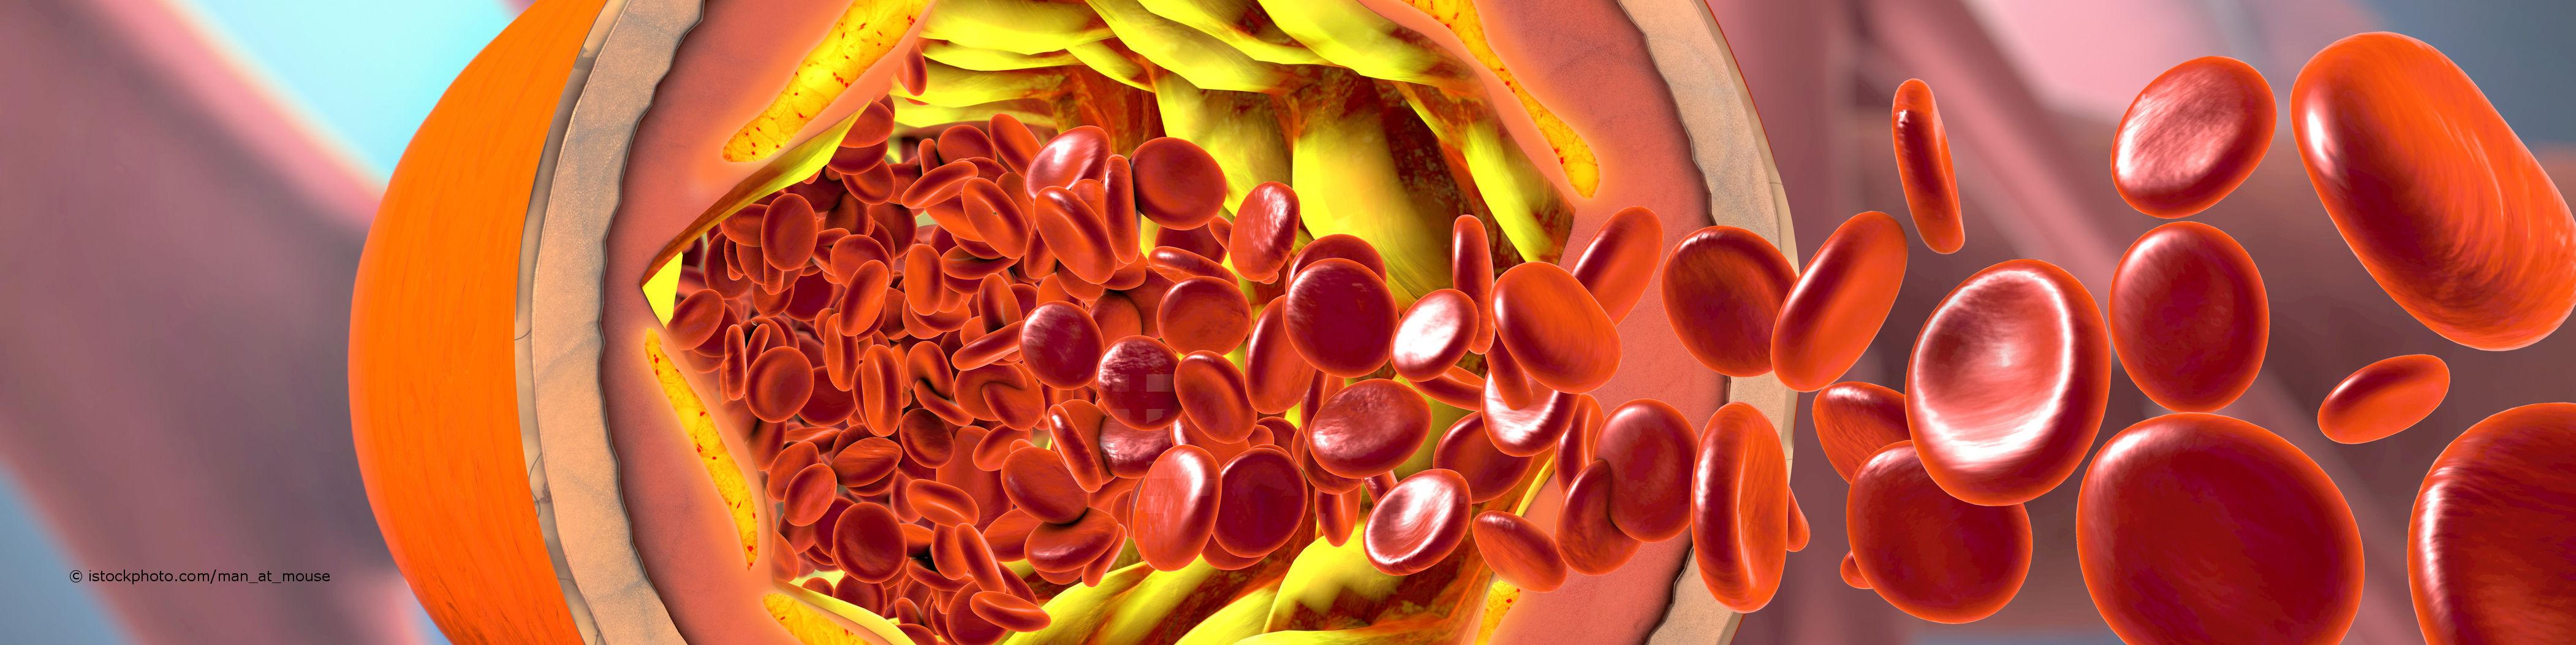 Blutplättchen versuchen ein durch Fetteinlagerung entzündetes Blutgefäß zu reparieren